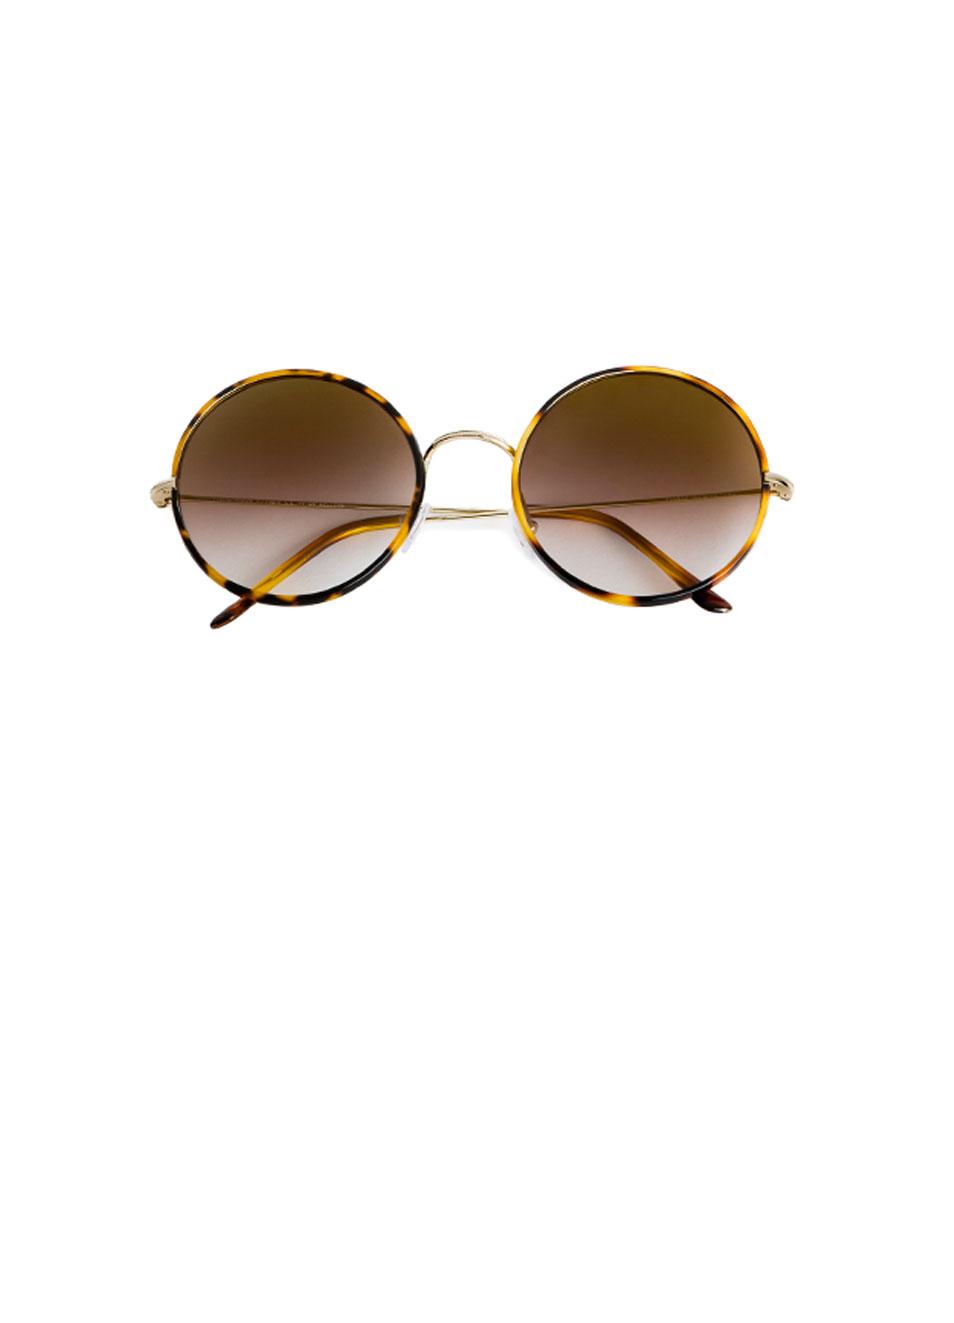 dettagli per sporco sempre popolare Occhiali da sole Spektre modello Yoko - Spektre - Manecapri